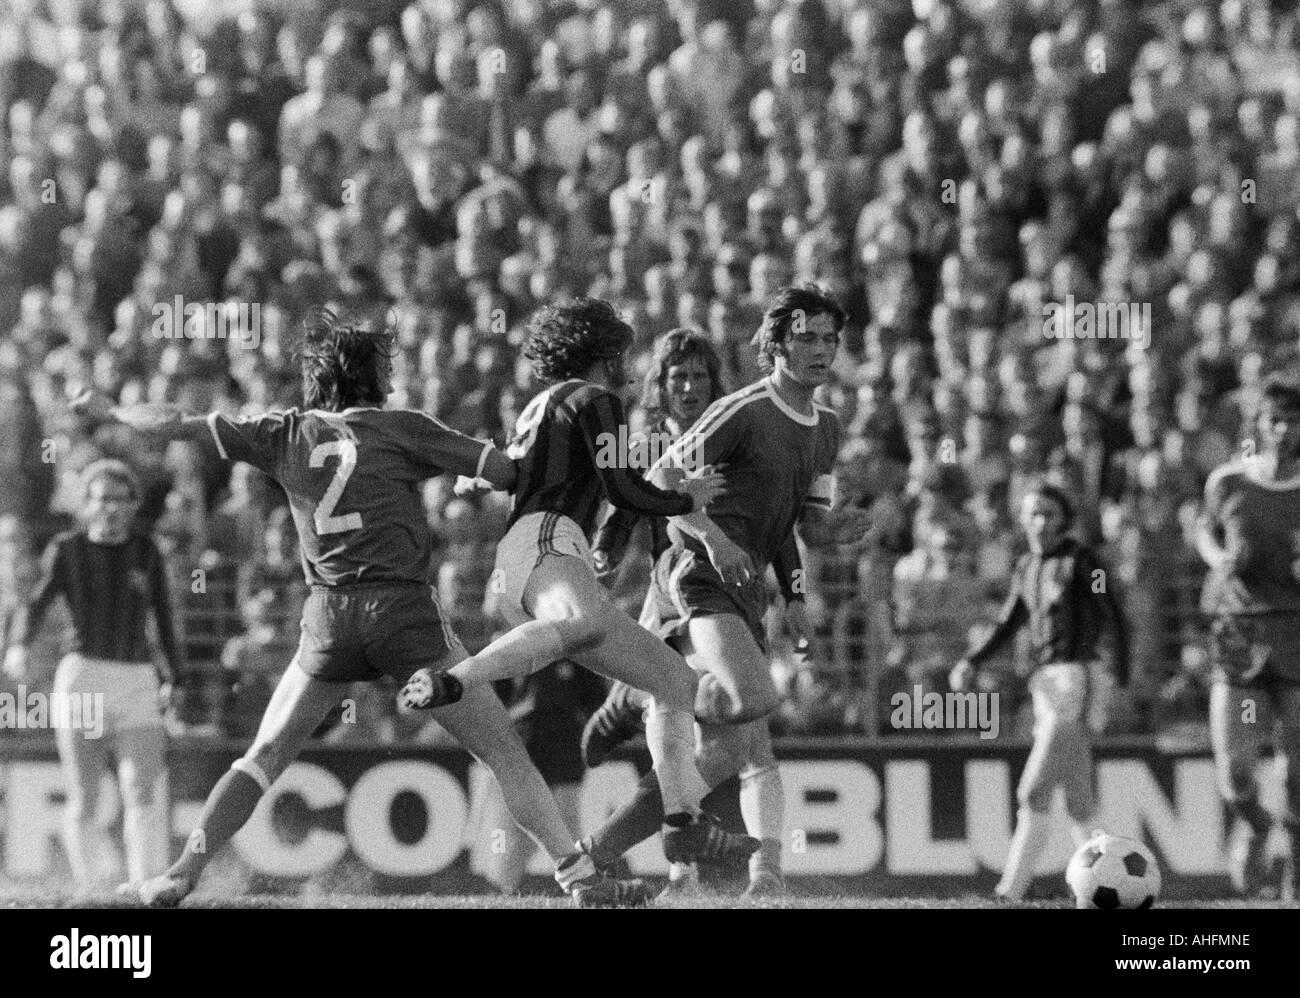 football, Bundesliga, 1971/1972, VfL Bochum versus Hanover 96 2:2, Stadium at the Castroper Strasse in Bochum, scene of the match, f.l.t.r. Reinhold Wosab (Bochum), Ferdinand Keller (96), Hans Joachim Weller (96), Hans Walitza (Bochum) - Stock Image